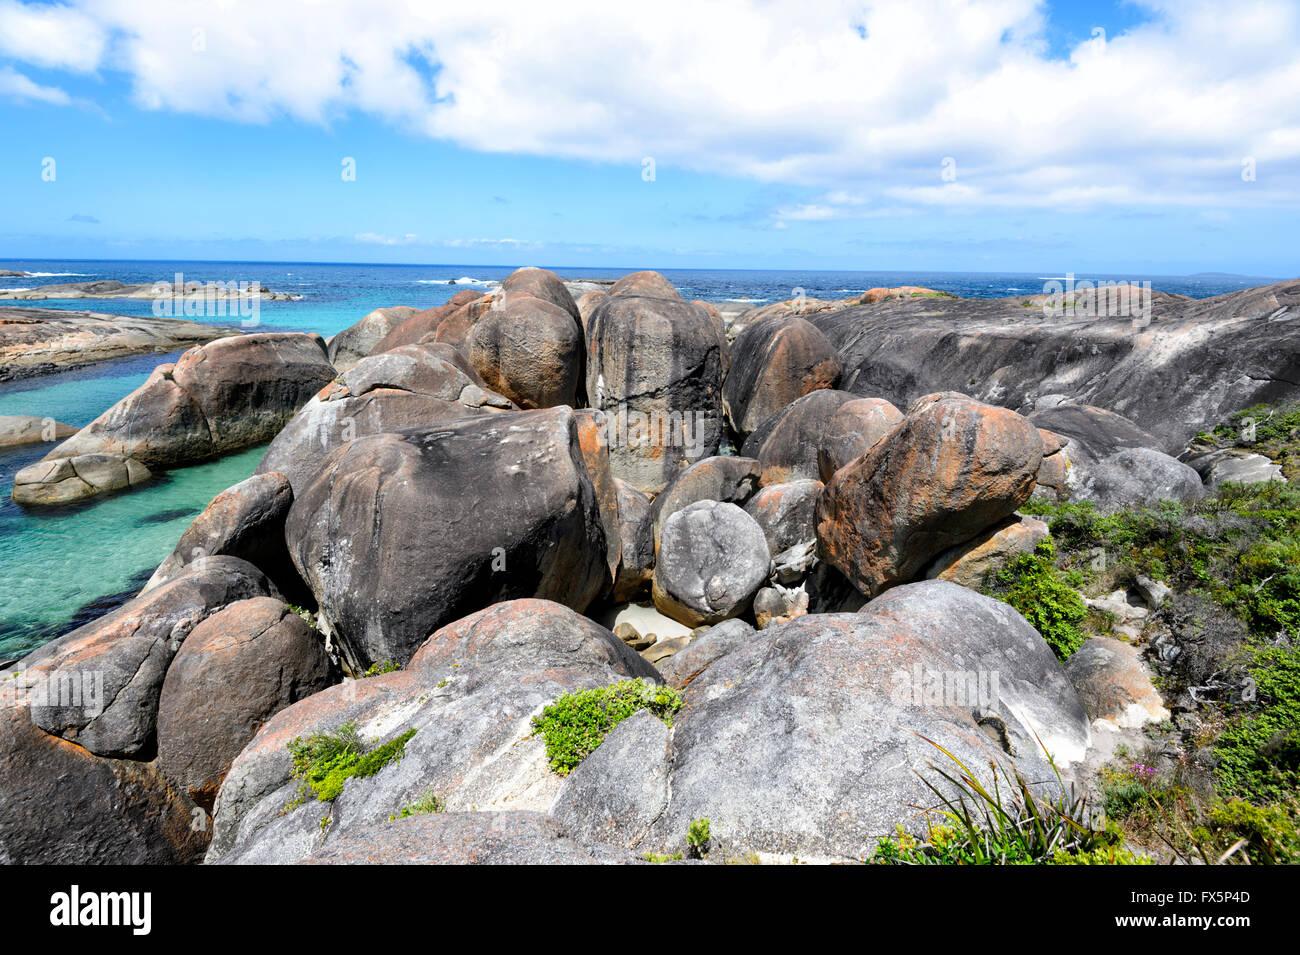 Elefant Cove, Denmark, Westaustralien, Australien Stockbild